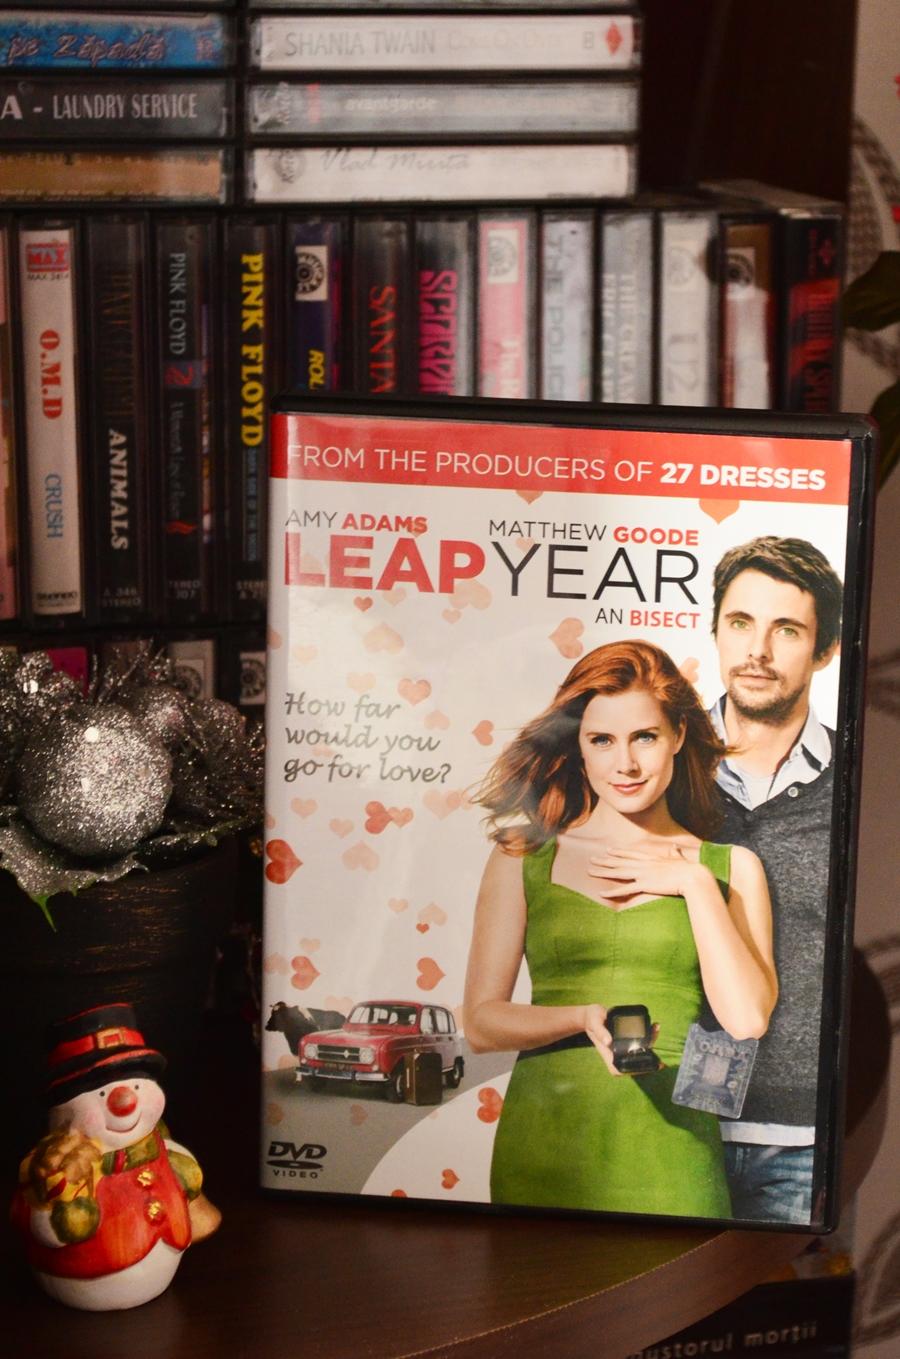 dvd film leap year an bisect amy adams matthew goode